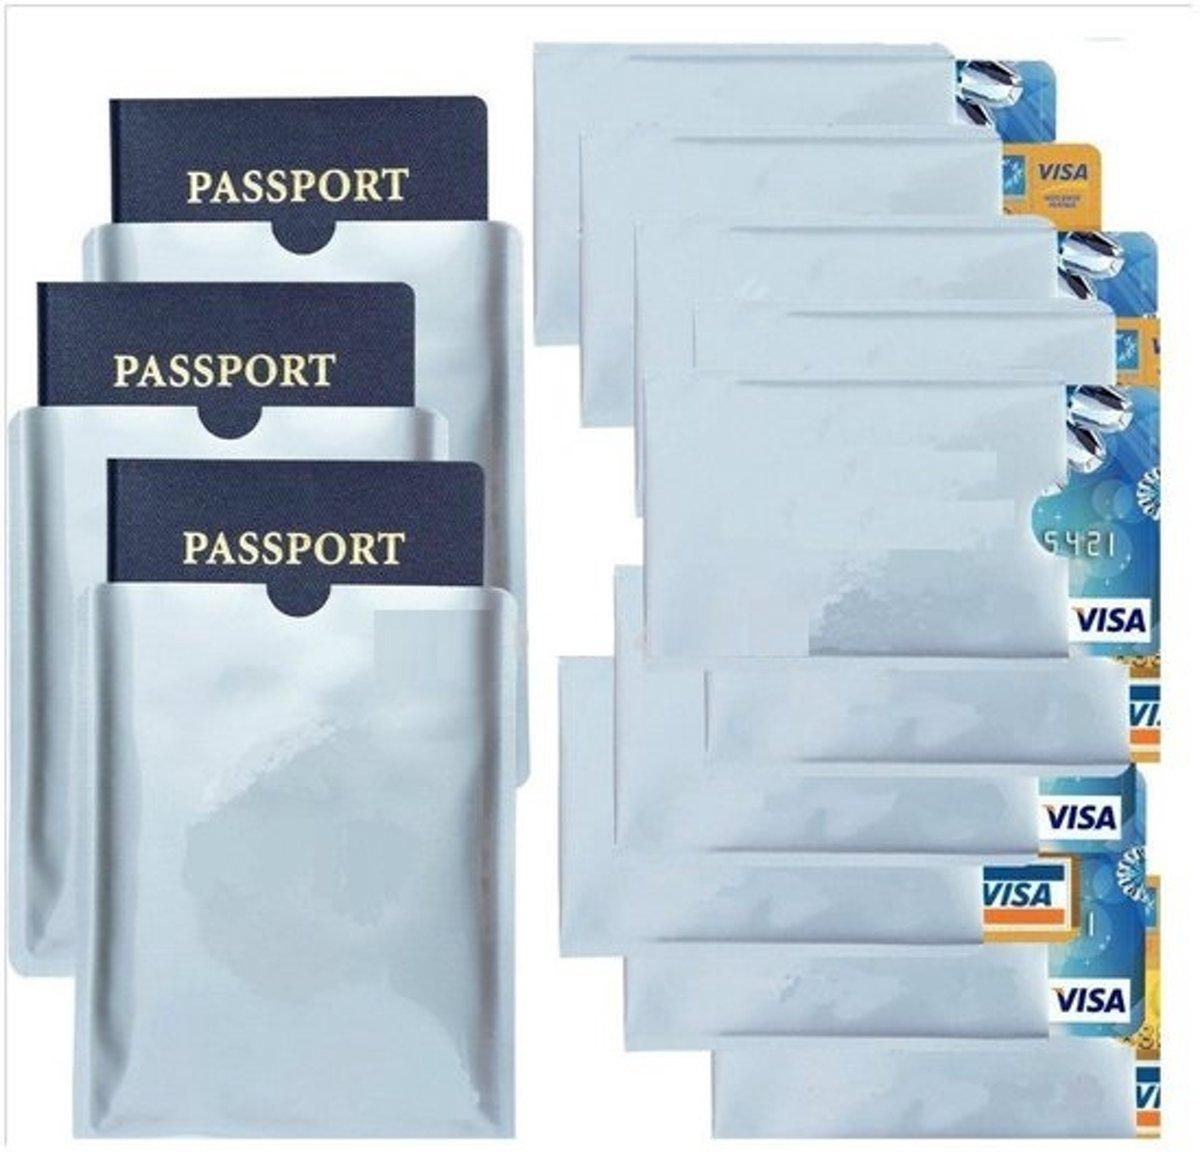 Professionele AA Commerce RFID Blocker Set - Kaartbeschermer / Cardprotector - 13 Stuks kopen